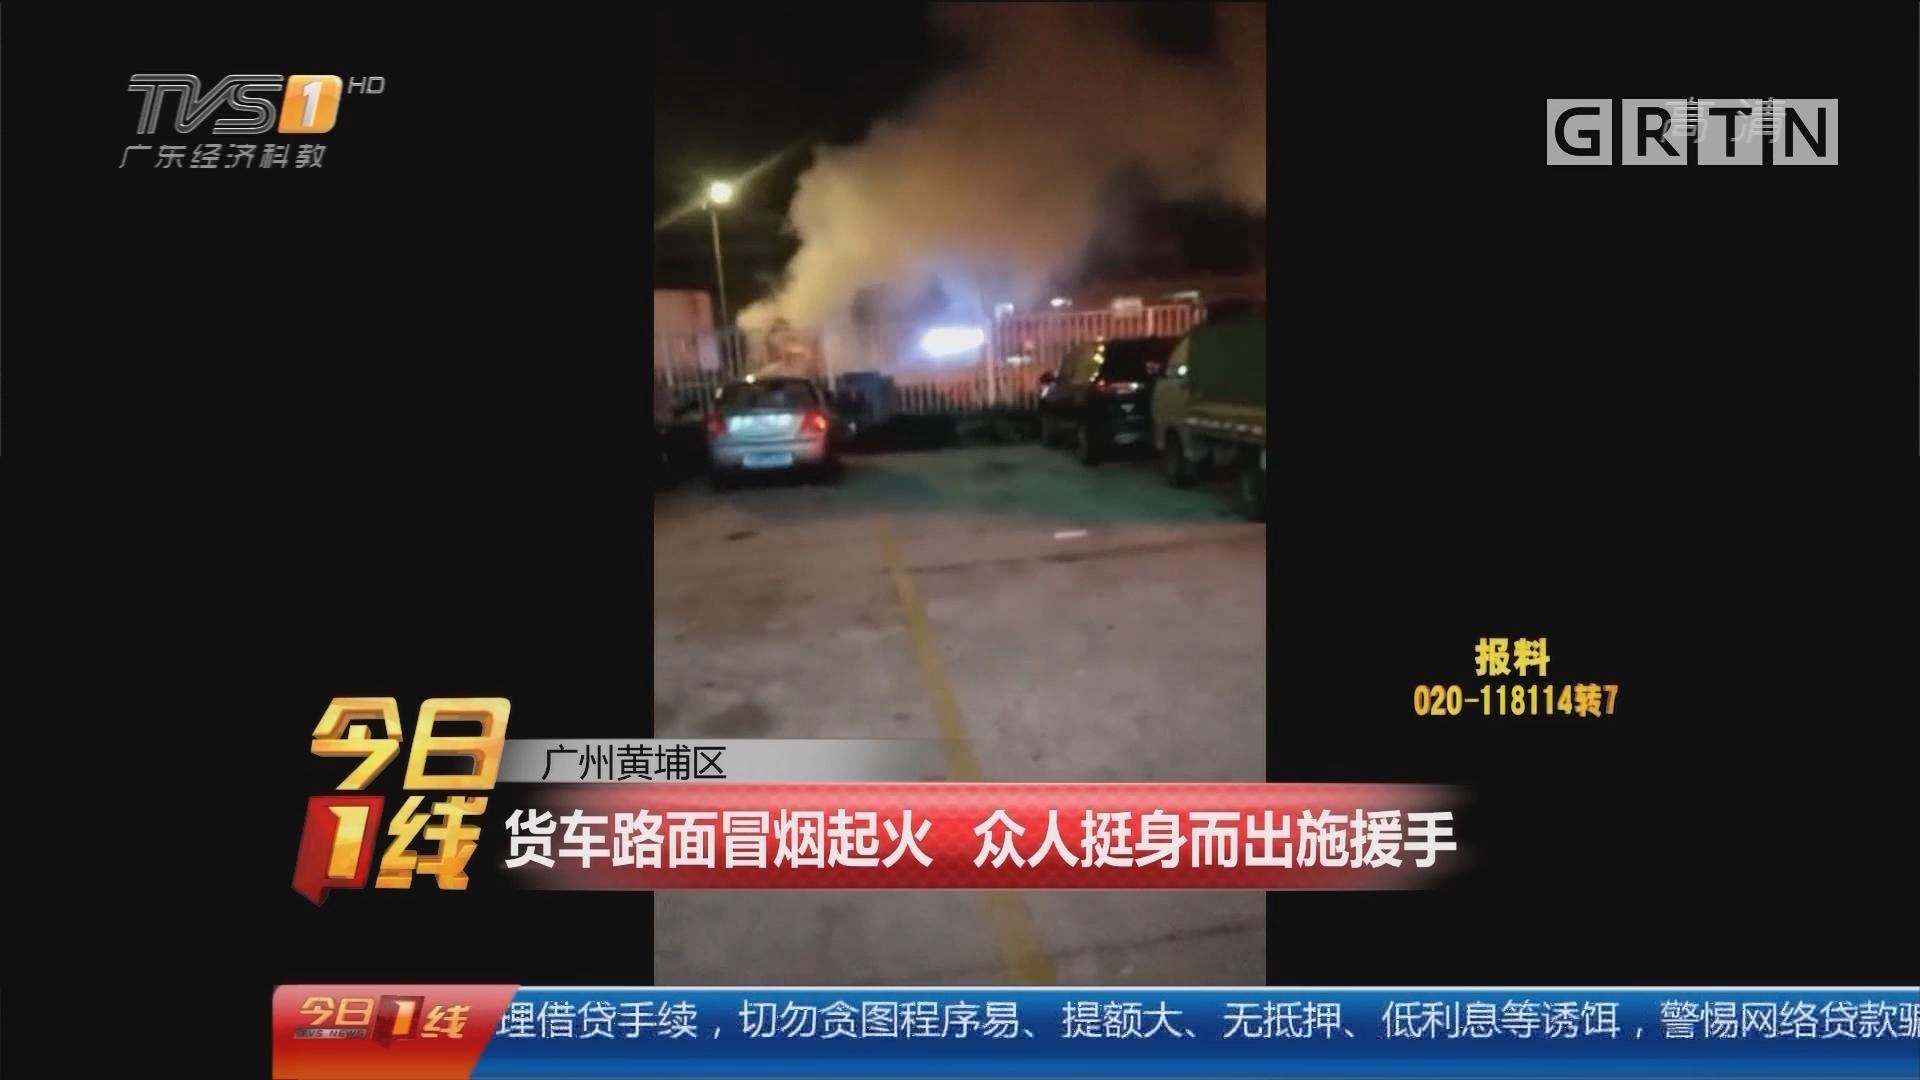 广州黄埔区:货车路面冒烟起火 众人挺身而出施援手